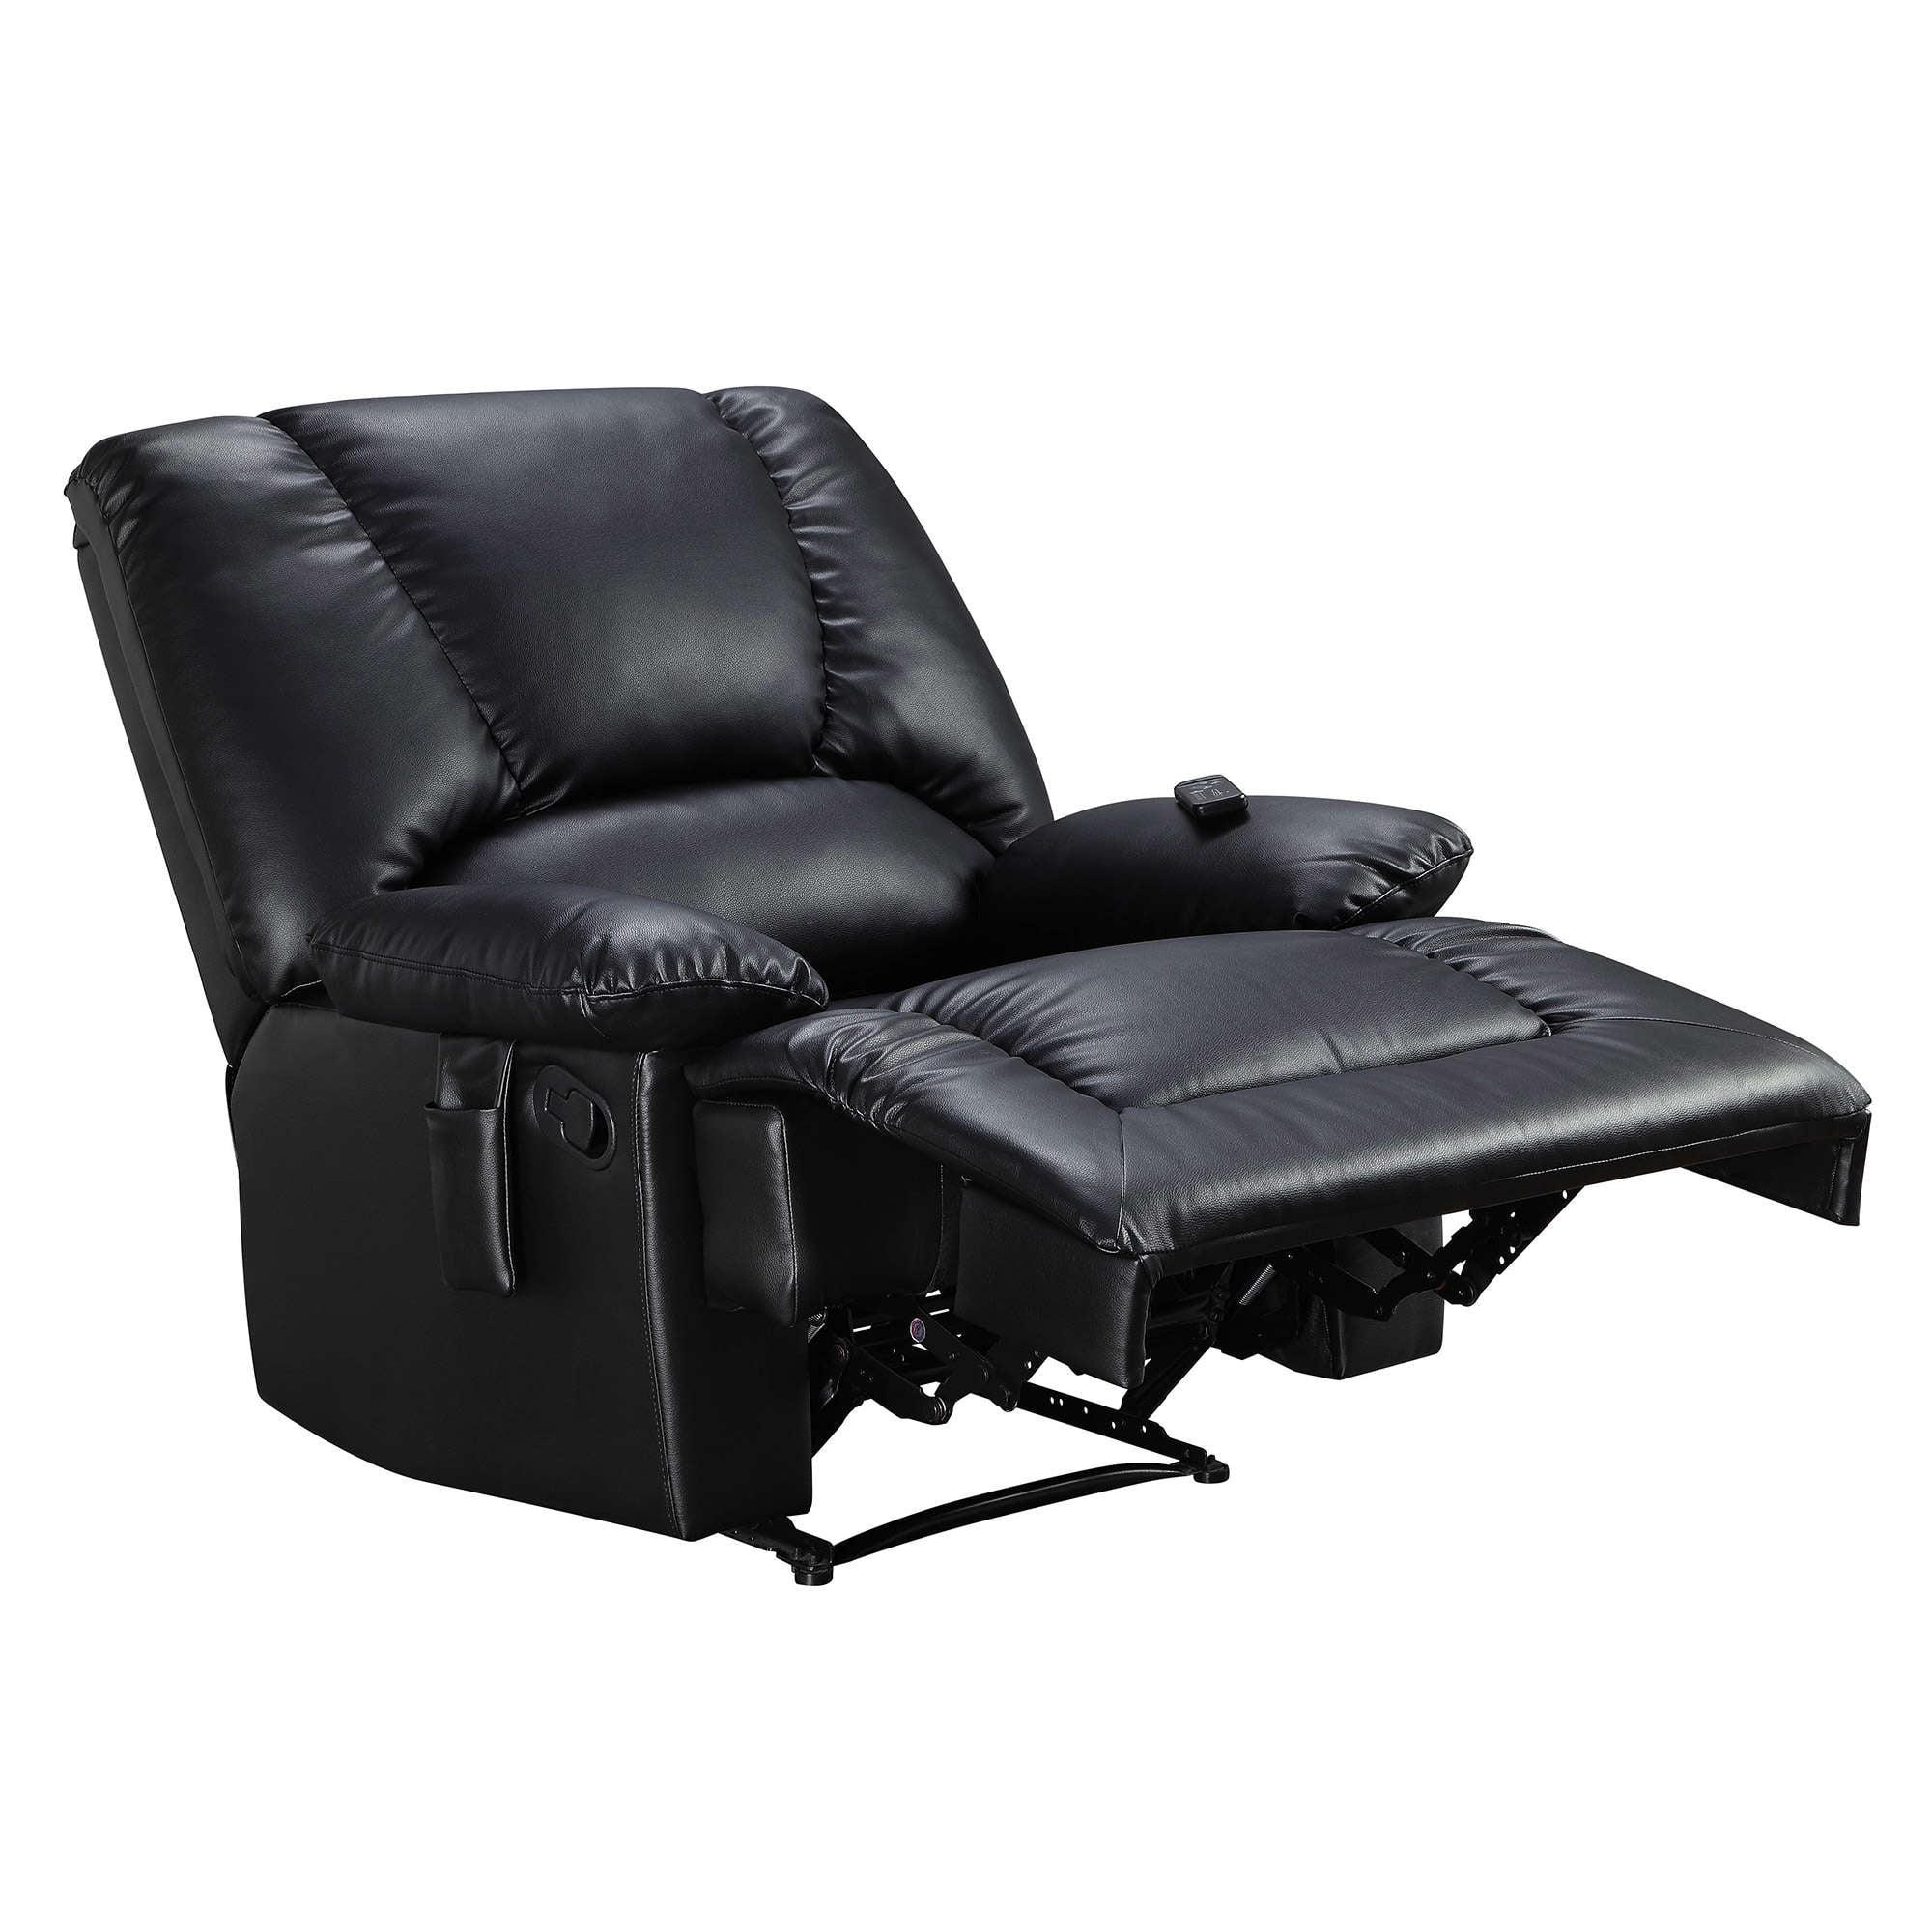 furniture chair recliner posts serta manual three pdx